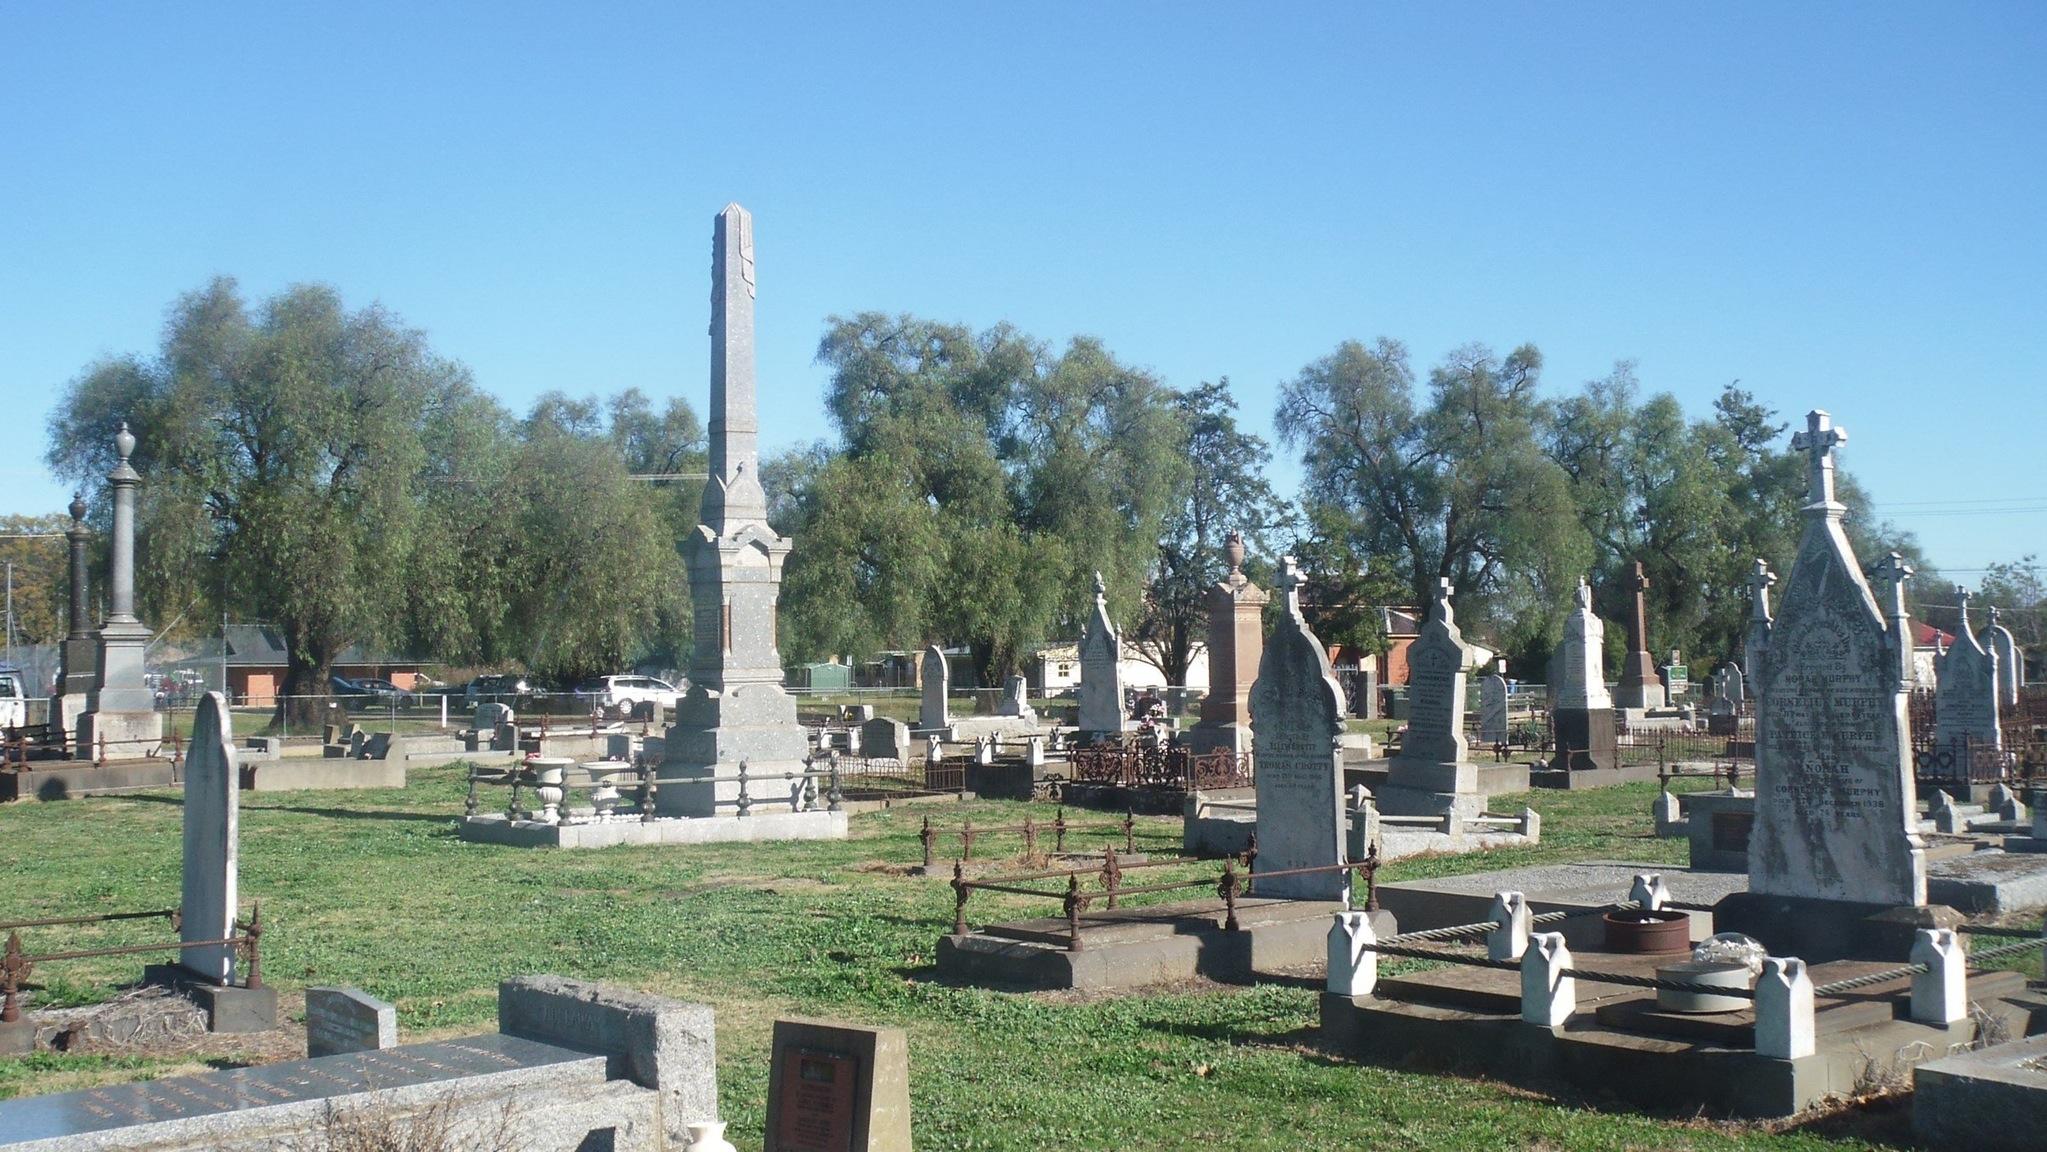 Avenel Cemetery